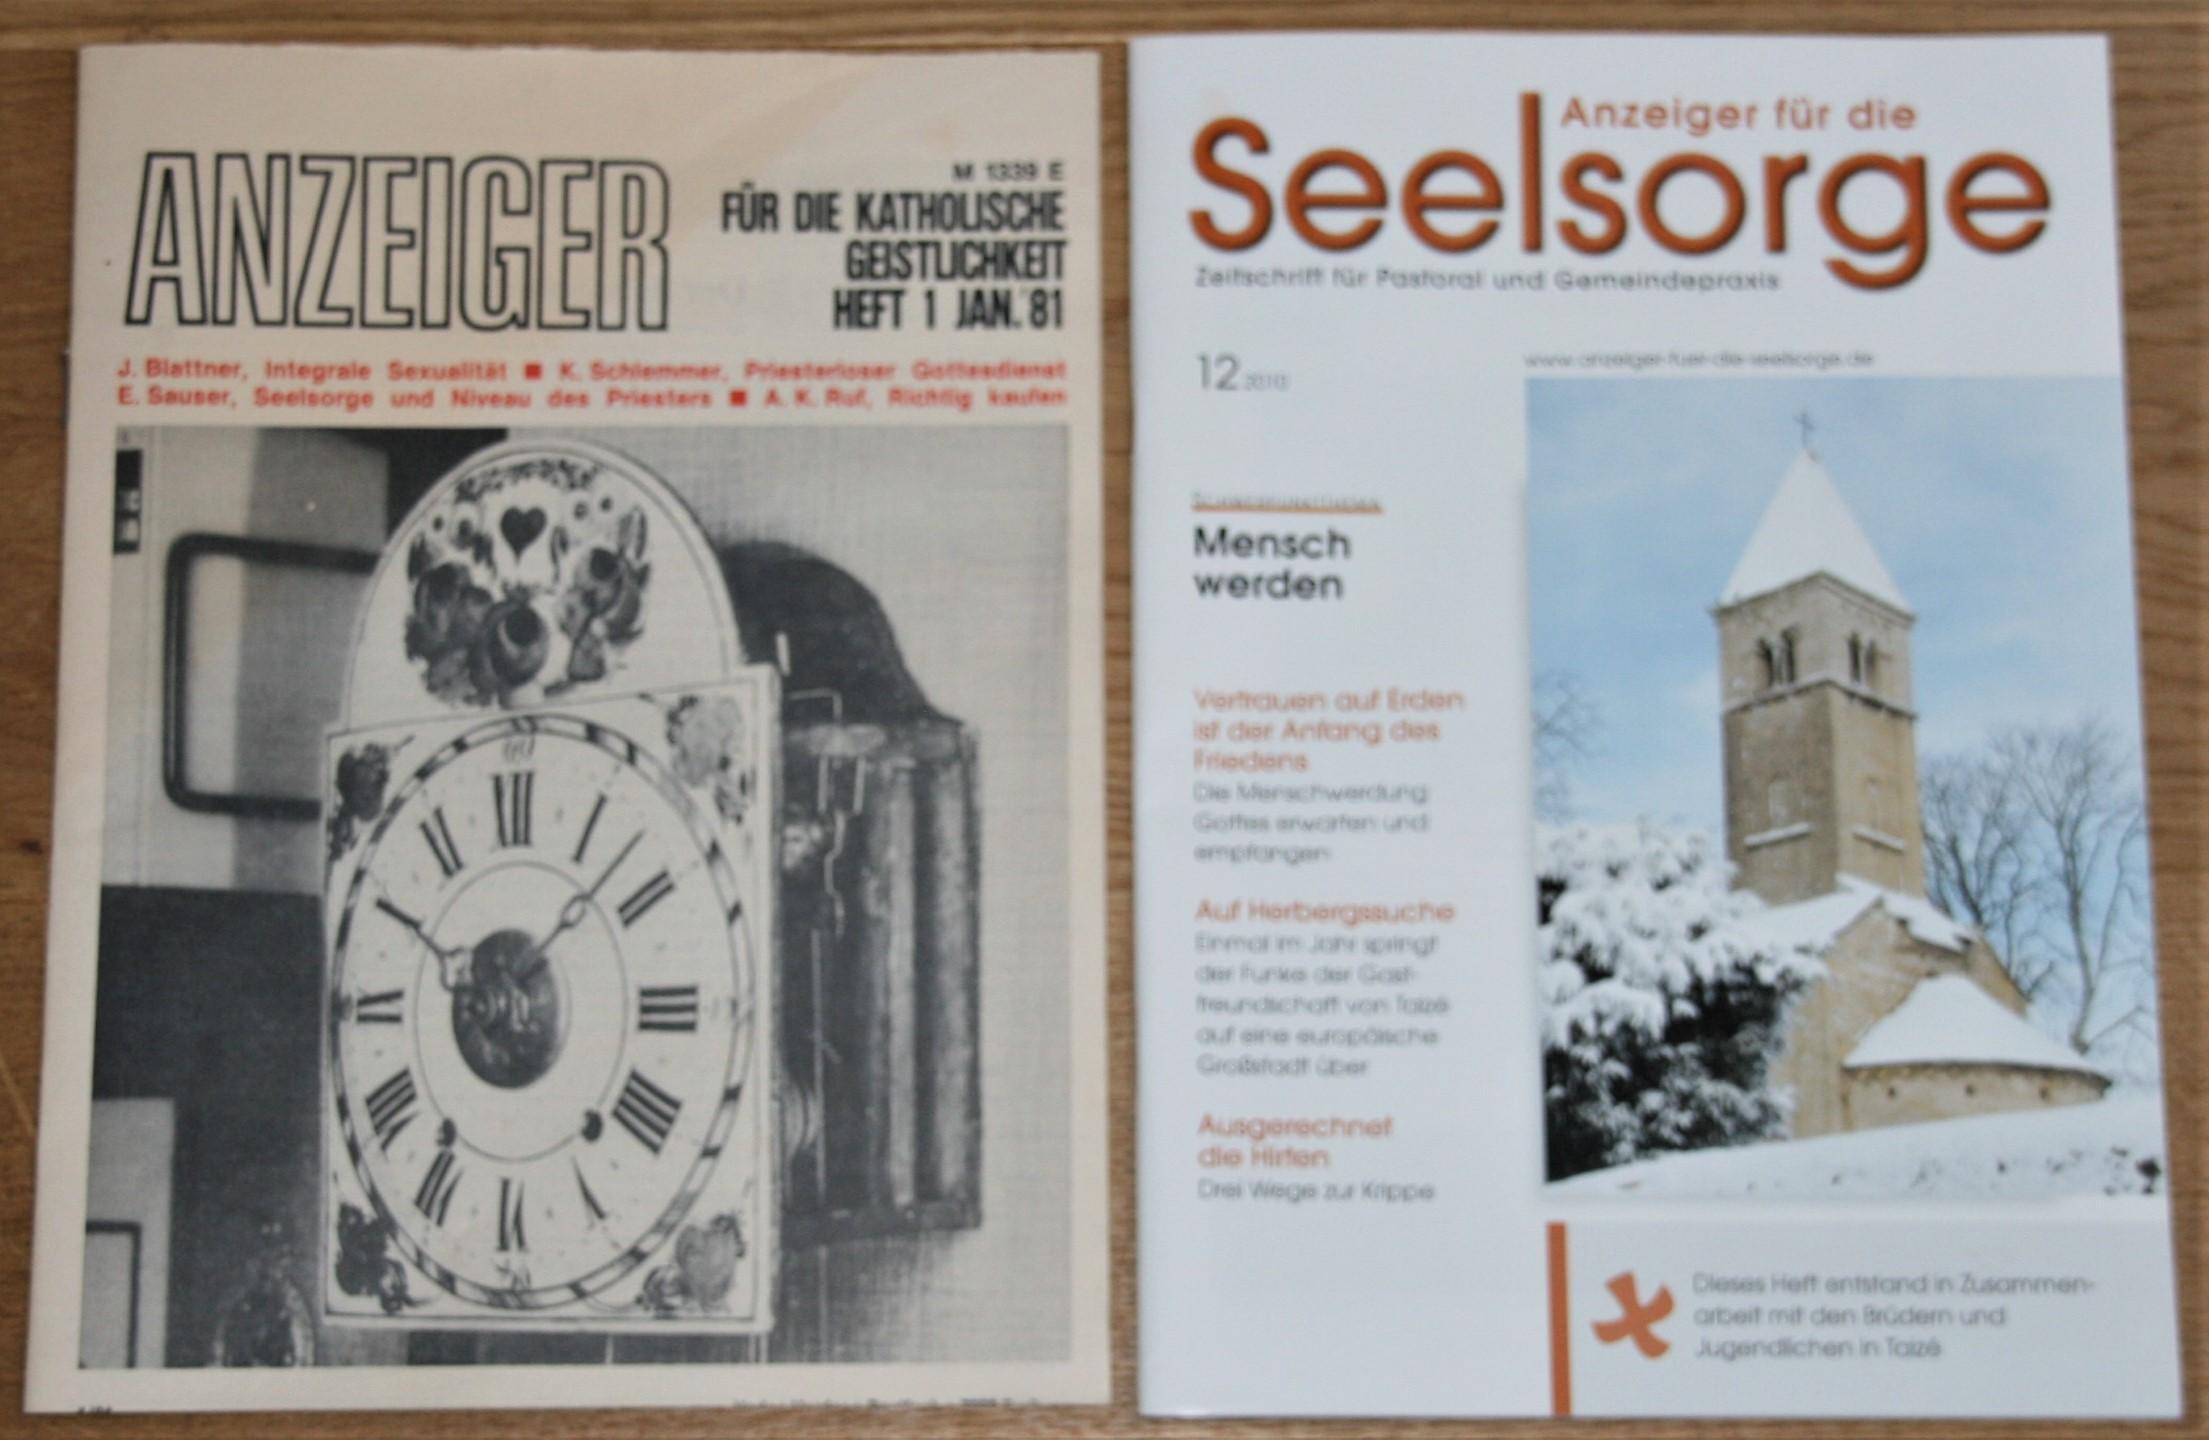 30 Jahrgänge ANZEIGER für die Seelsorge. 01/1981 - 12/2010. [Zeitschrift für Pastoral und Gemeindepraxis]